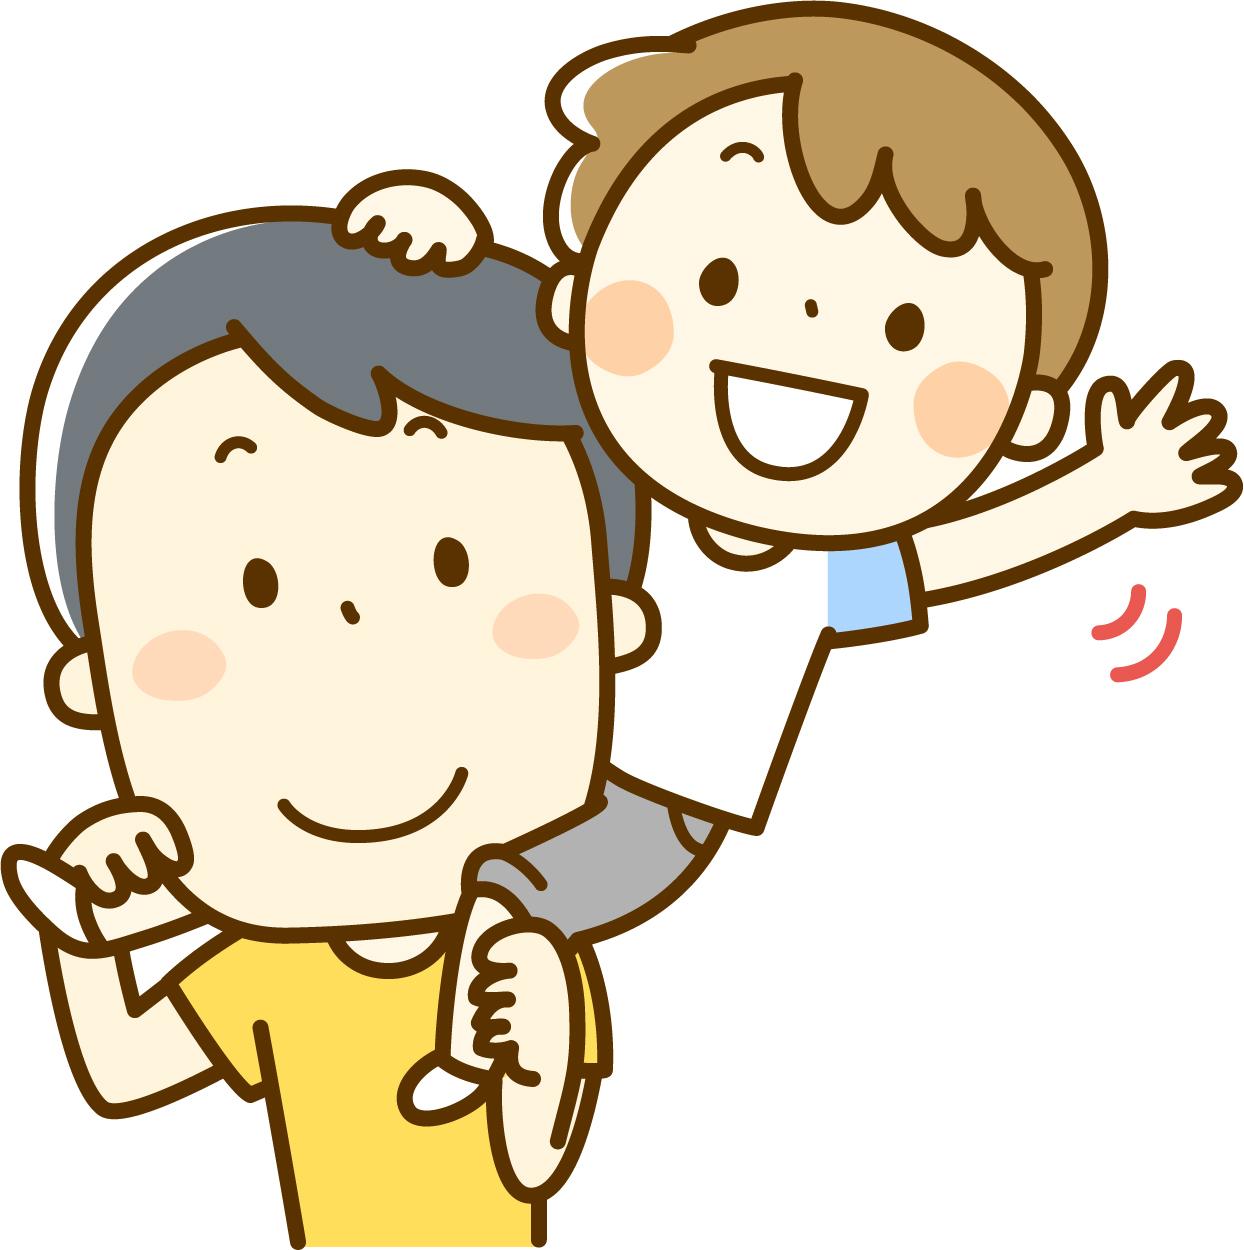 父親と男の子のイメージ画像